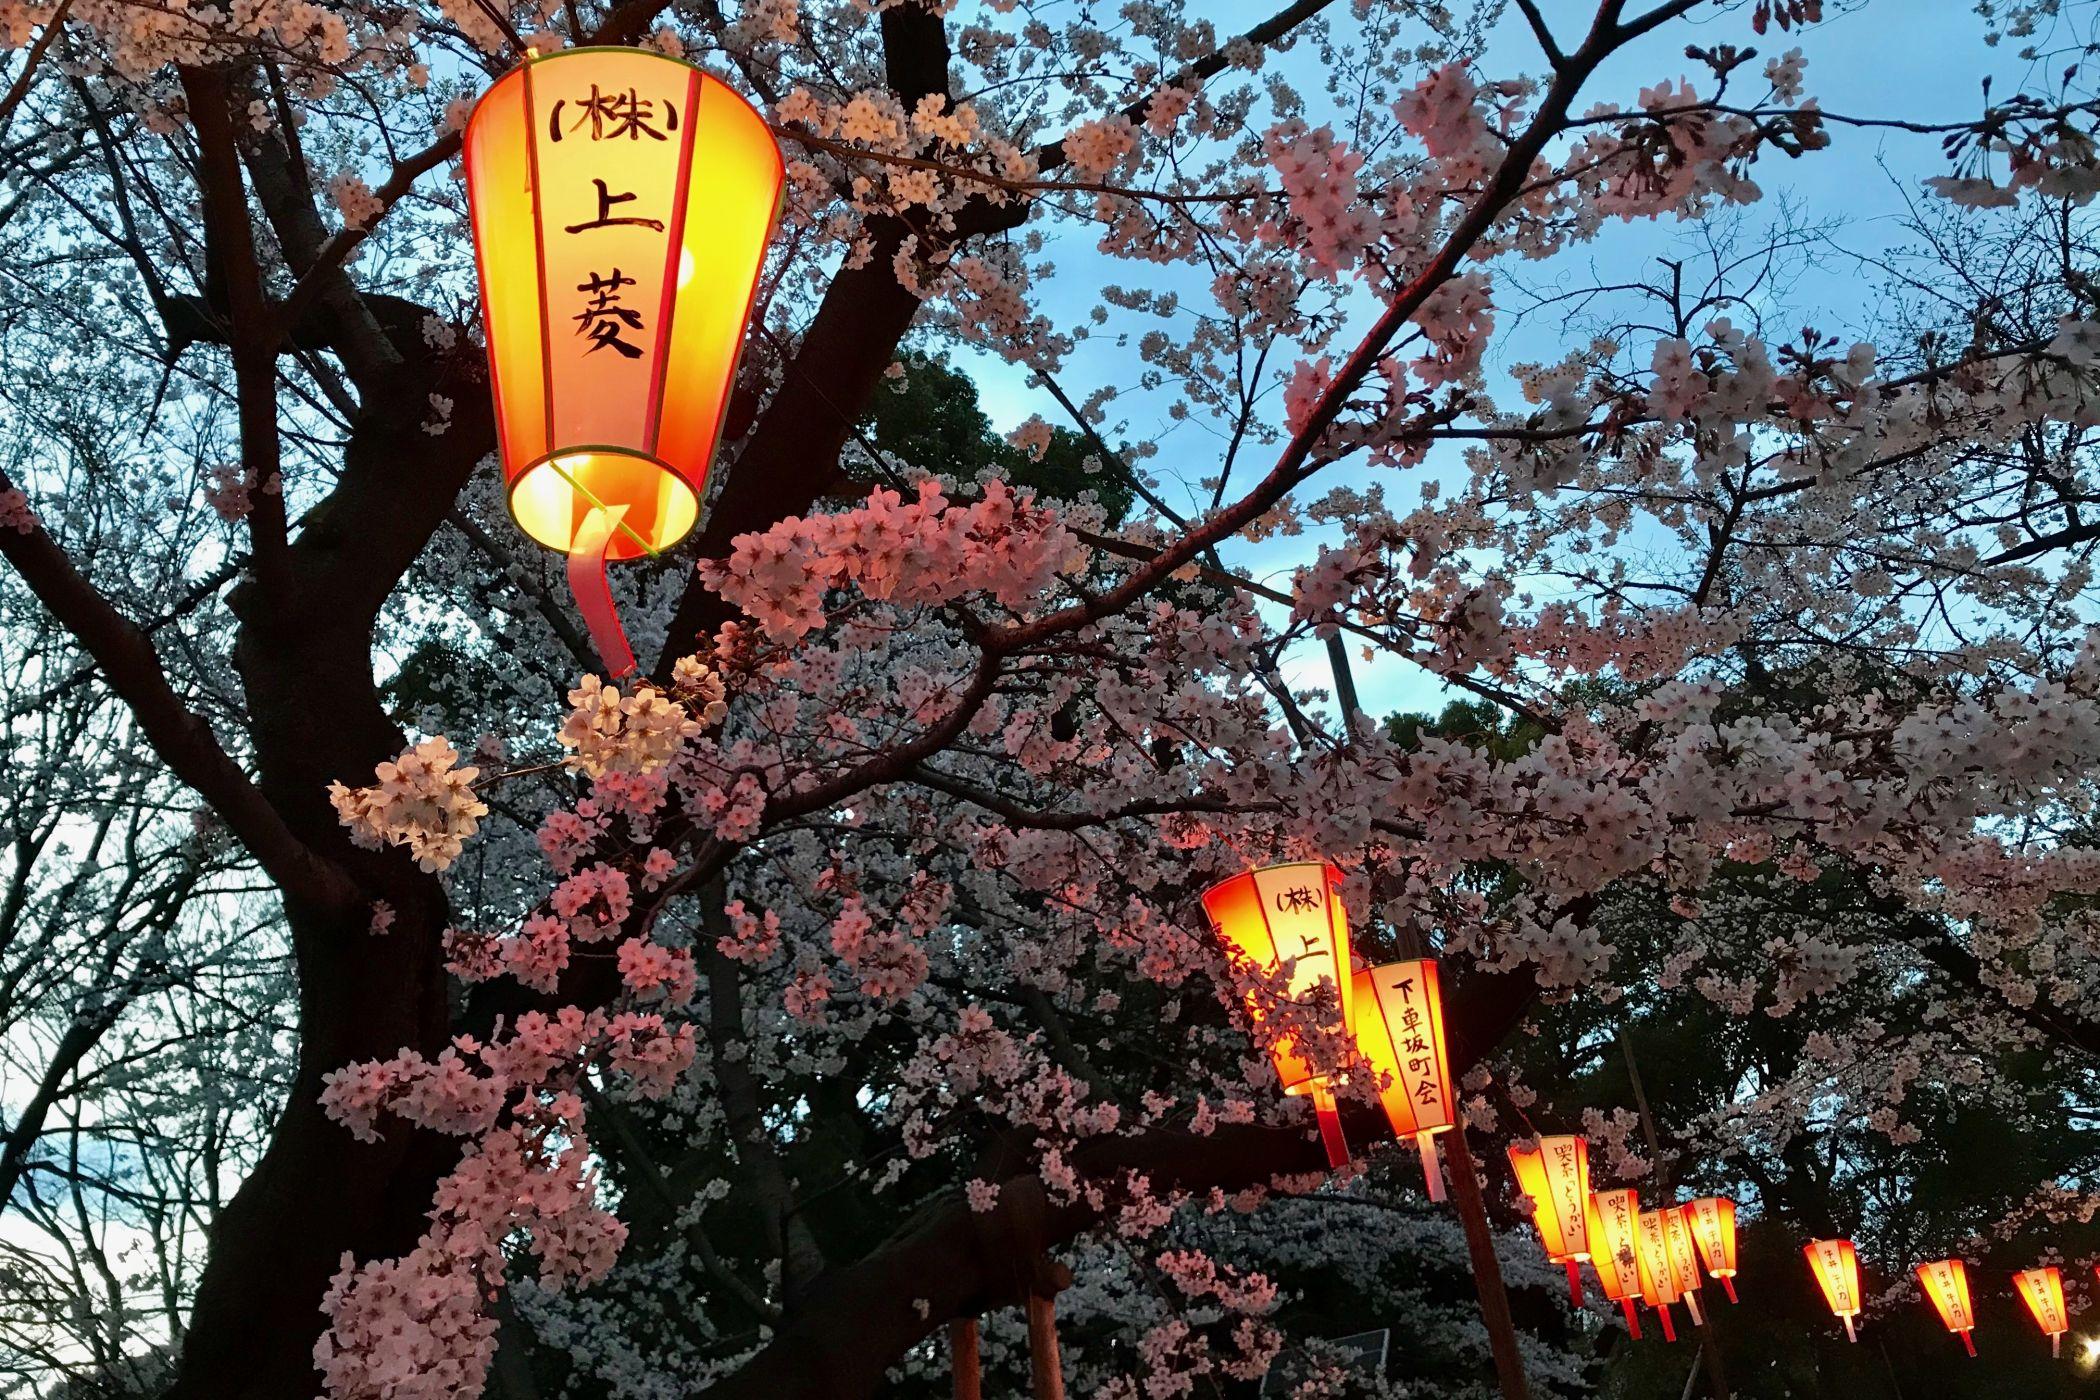 Kouzlo podvečera v tokijském parku Ueno během hanami neboli pozorování sakur